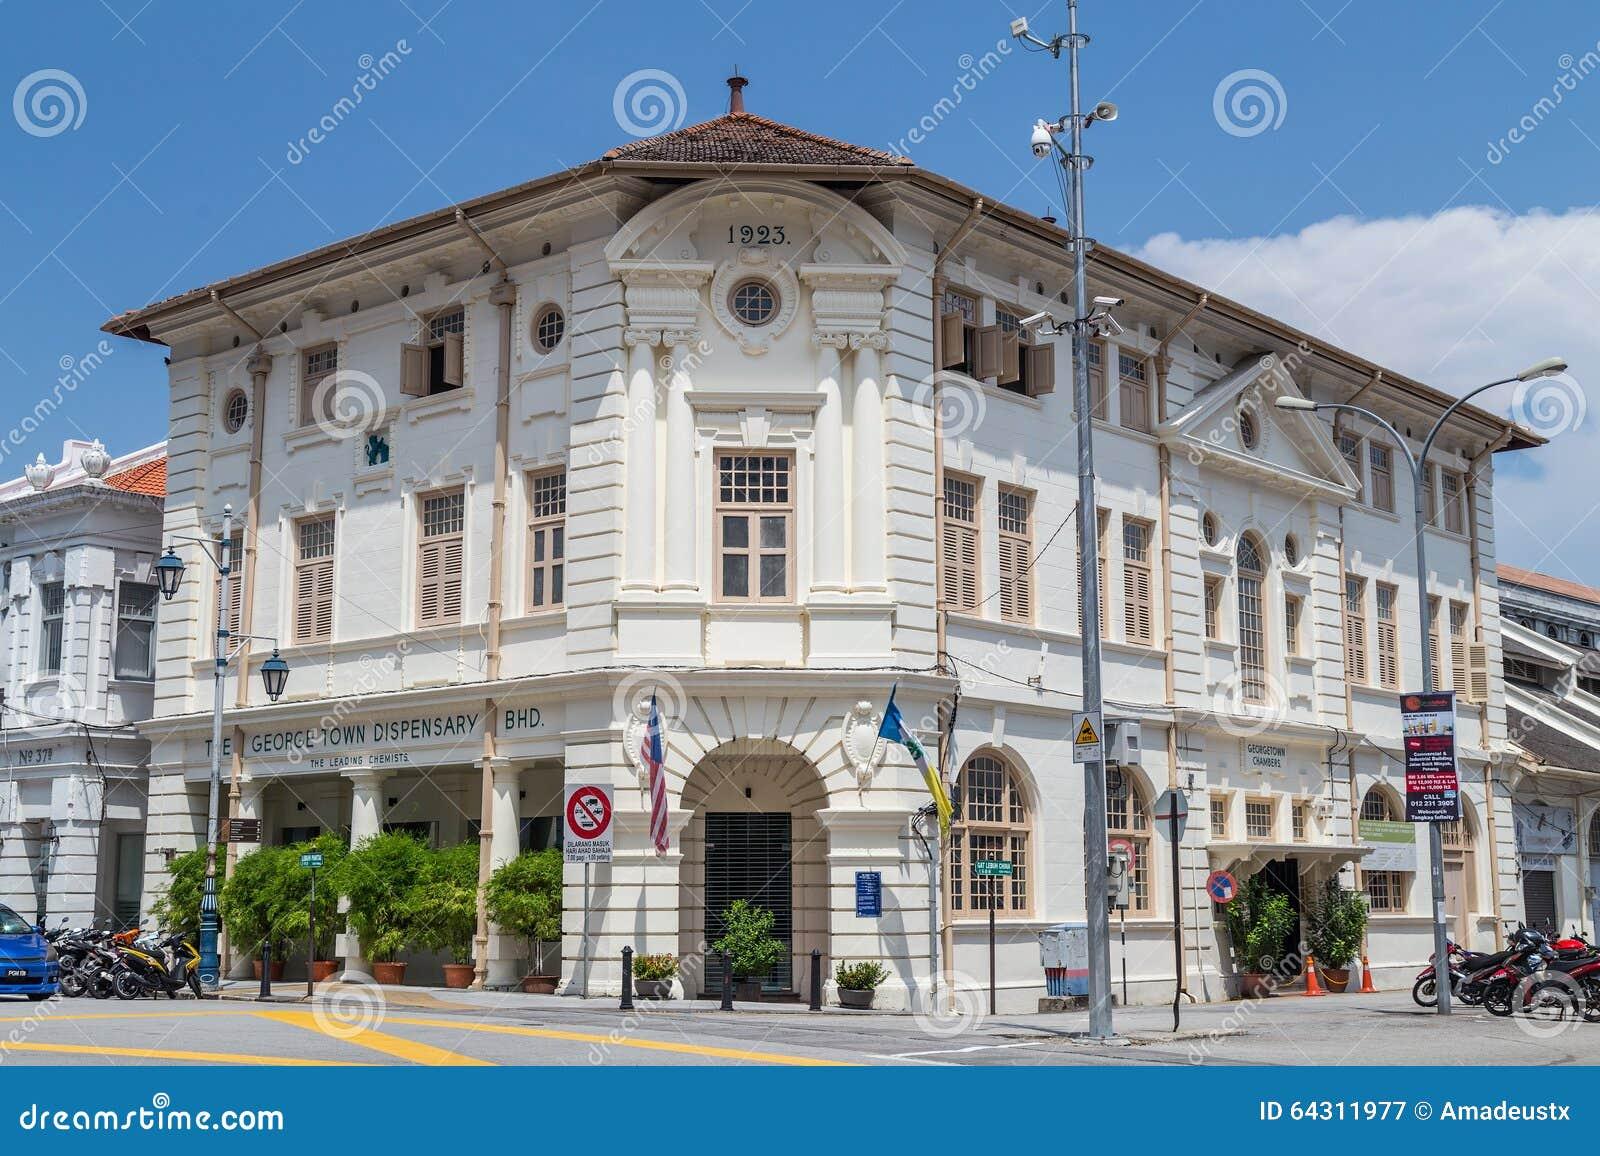 Georgetown, Penang/Malaysia - circa October 2015: British colonial building in Georgetown, Penang, Malaysia